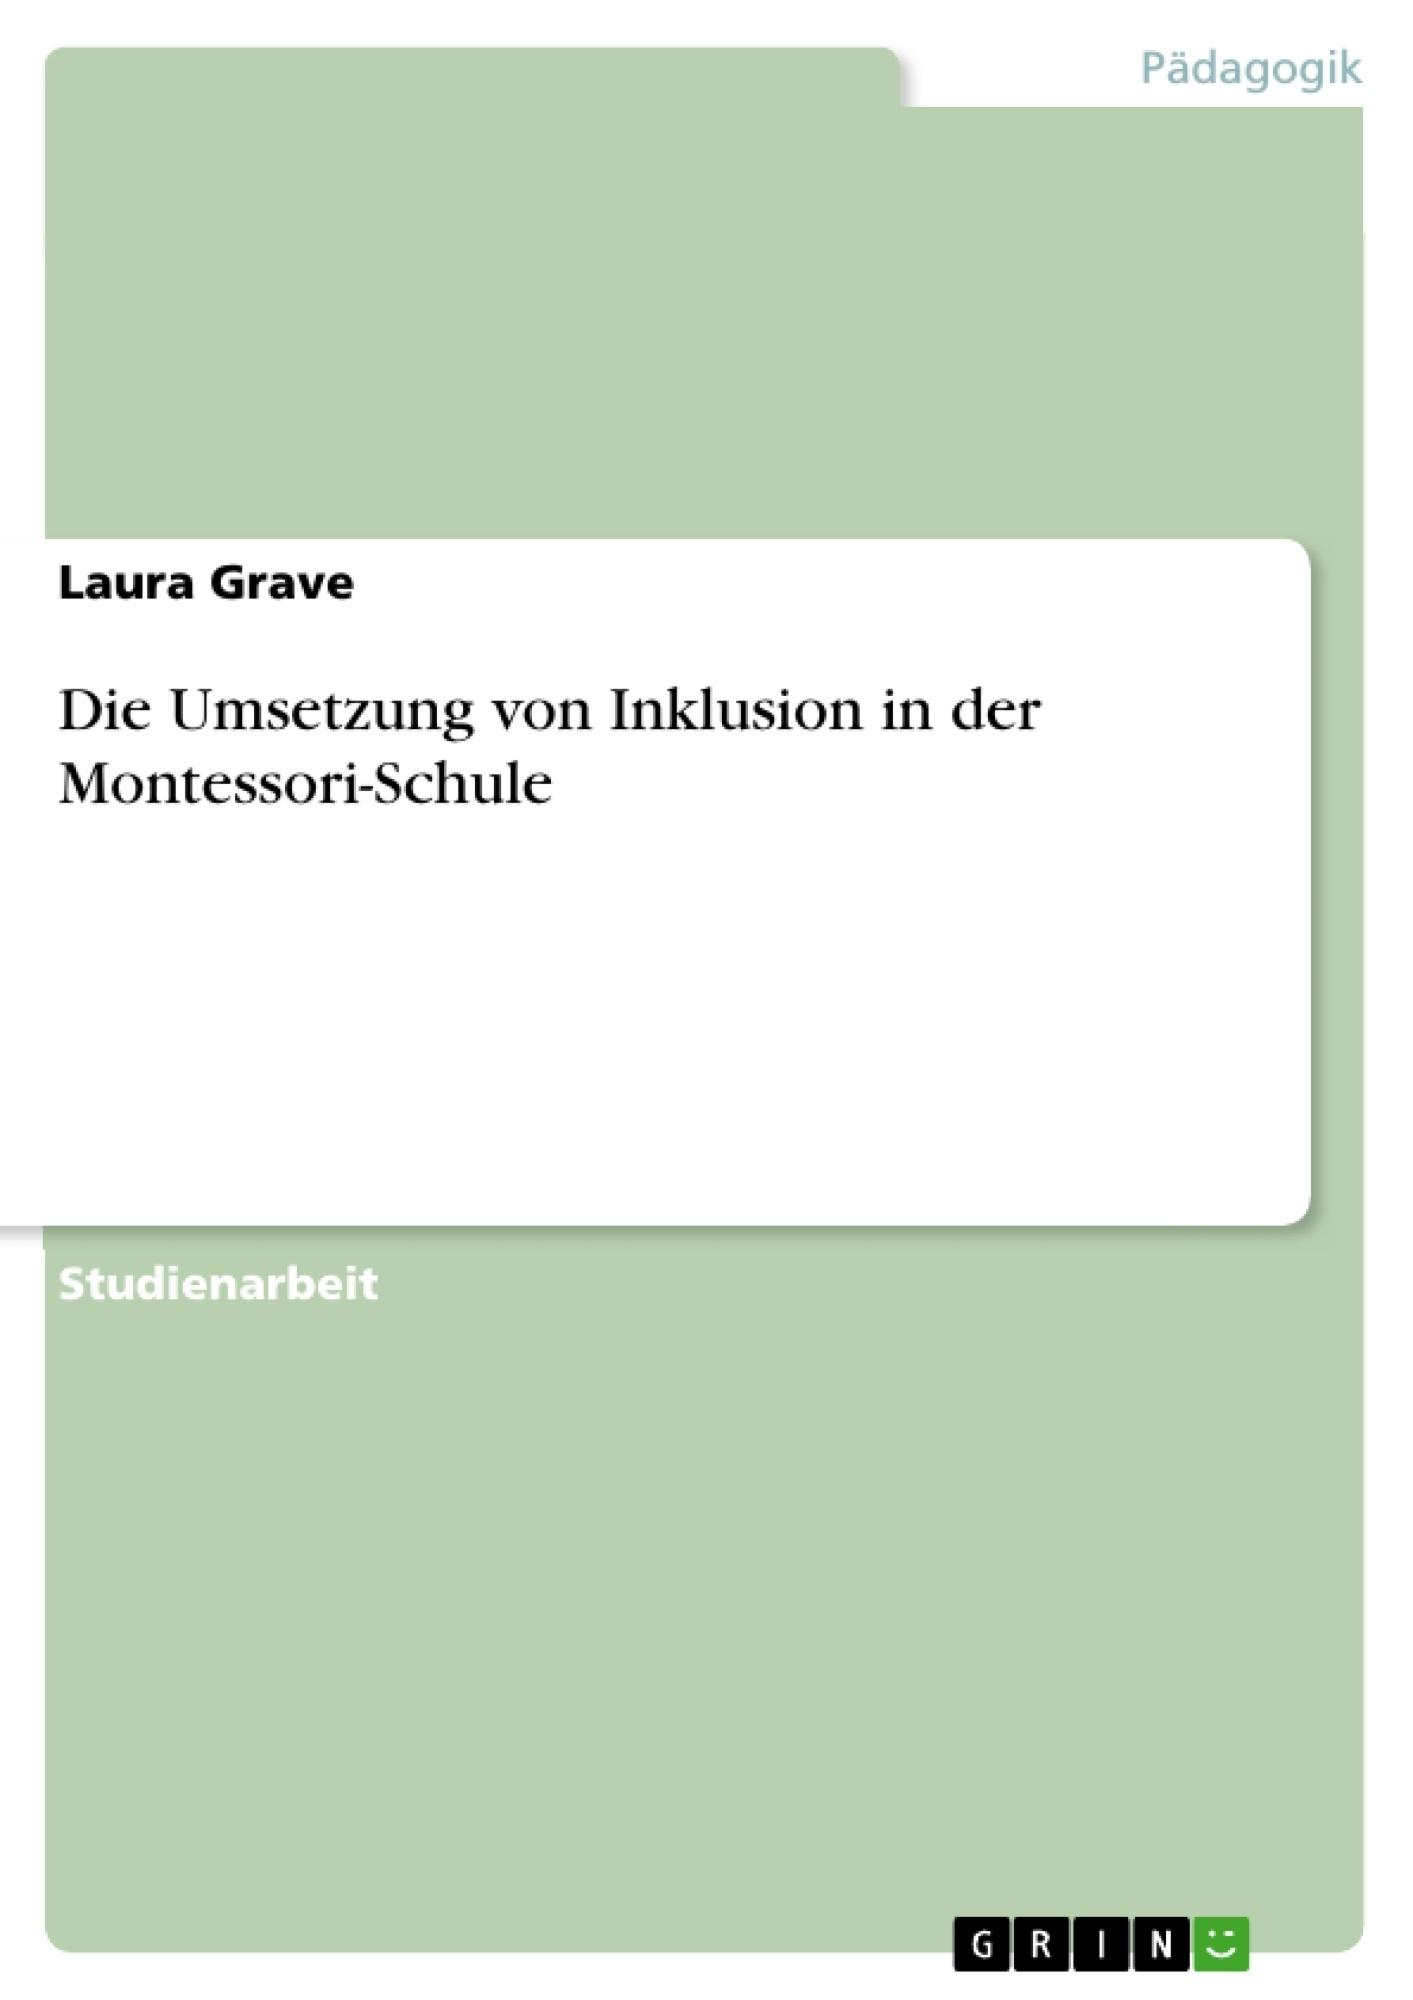 Titel: Die Umsetzung von Inklusion in der Montessori-Schule